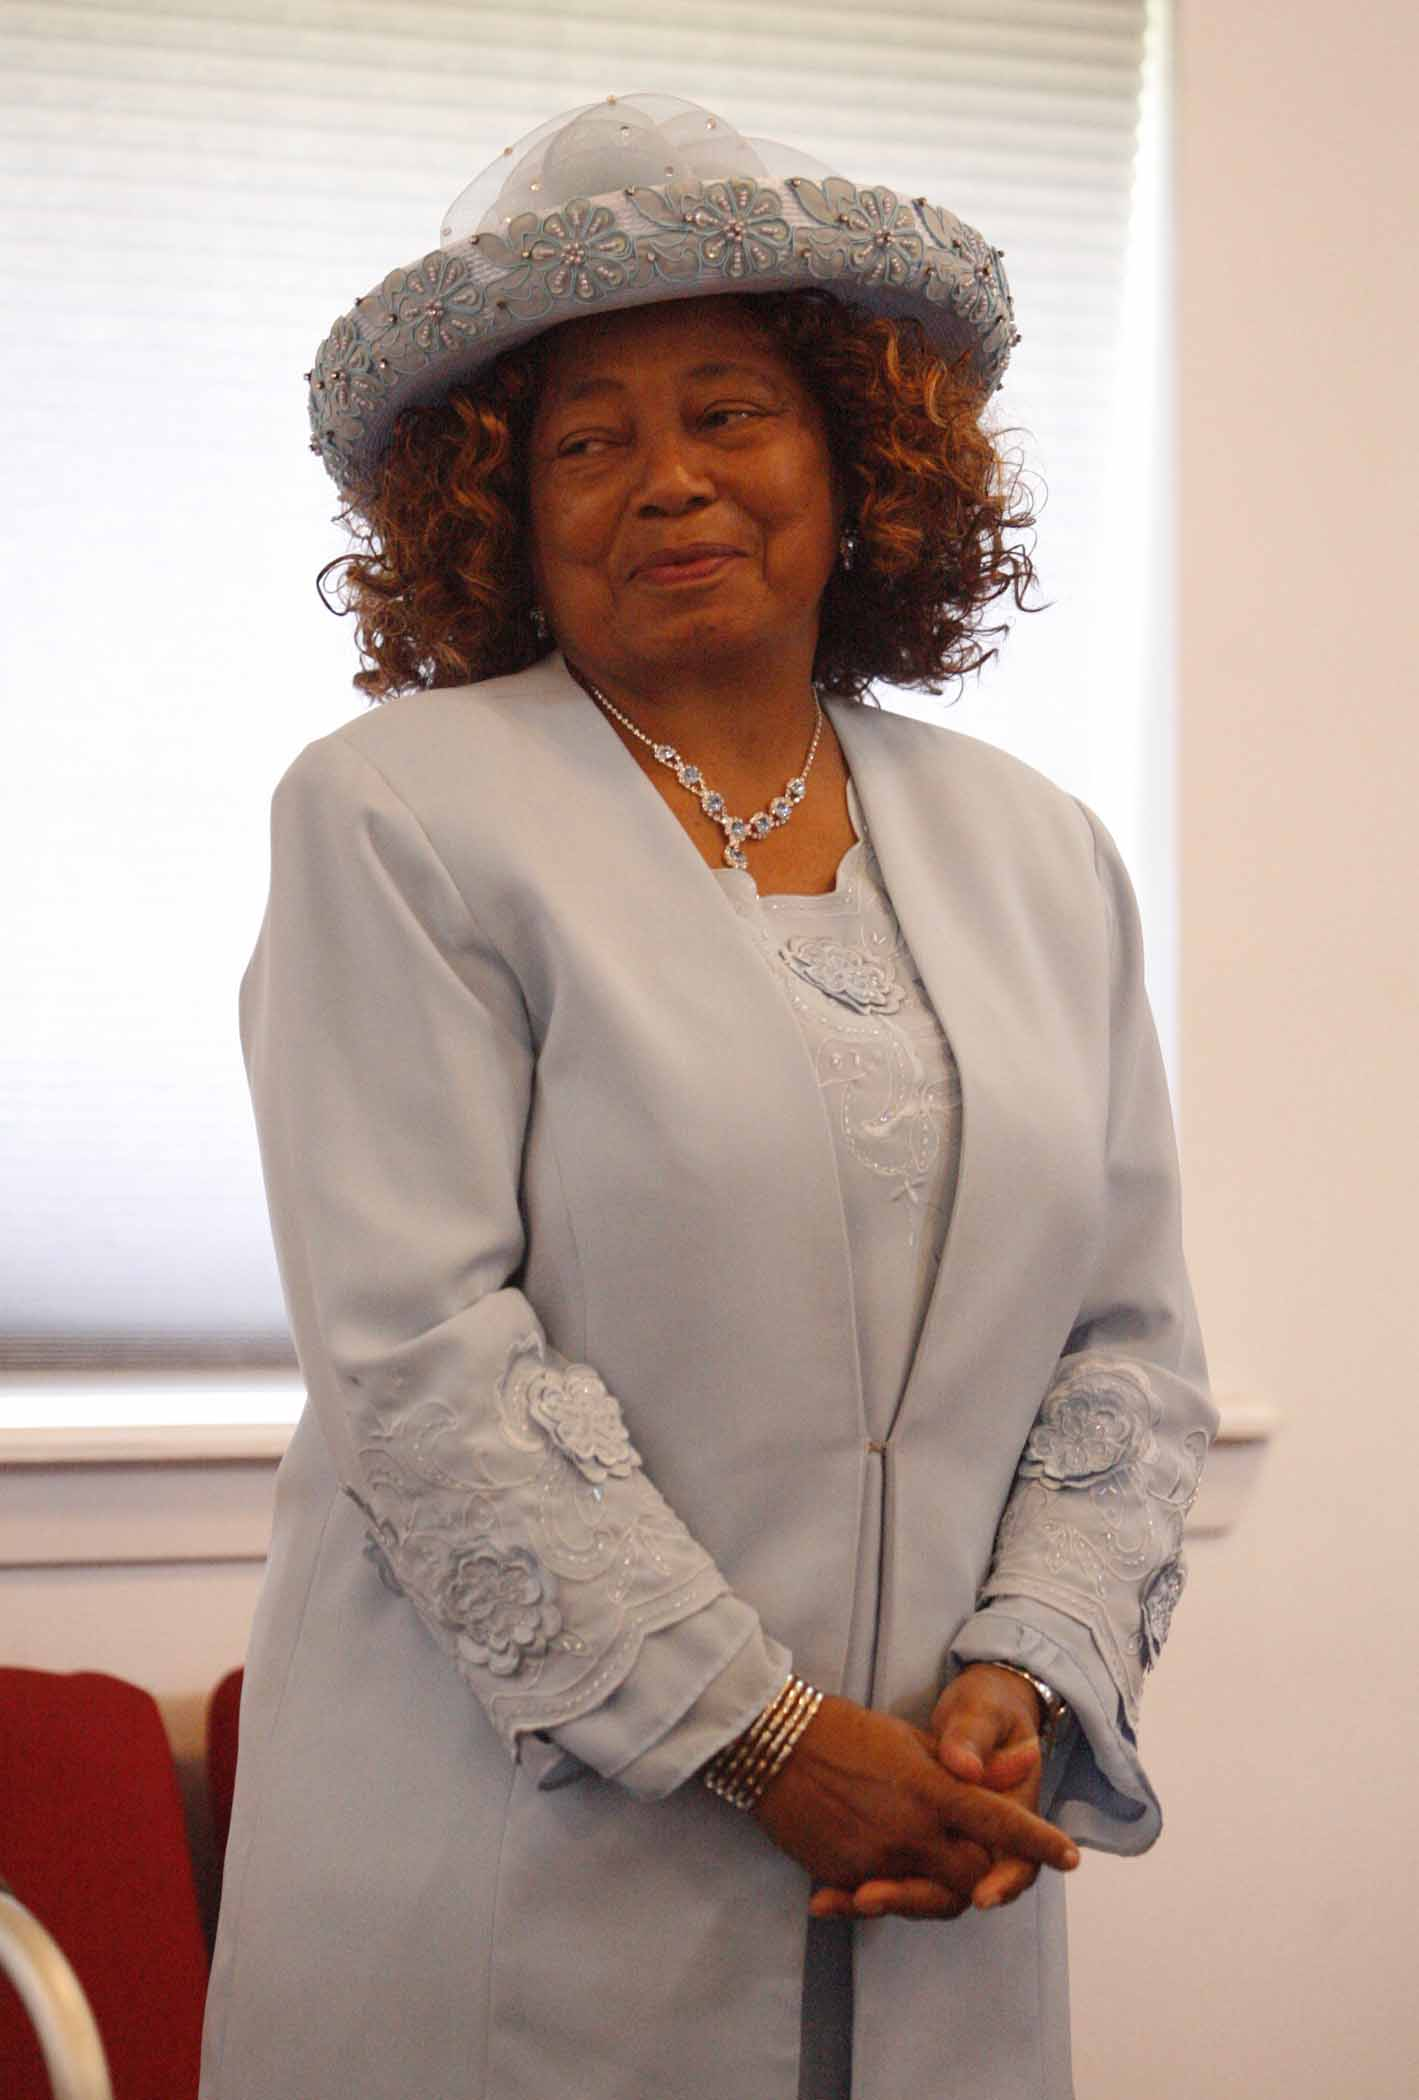 Sister Sherry Howard